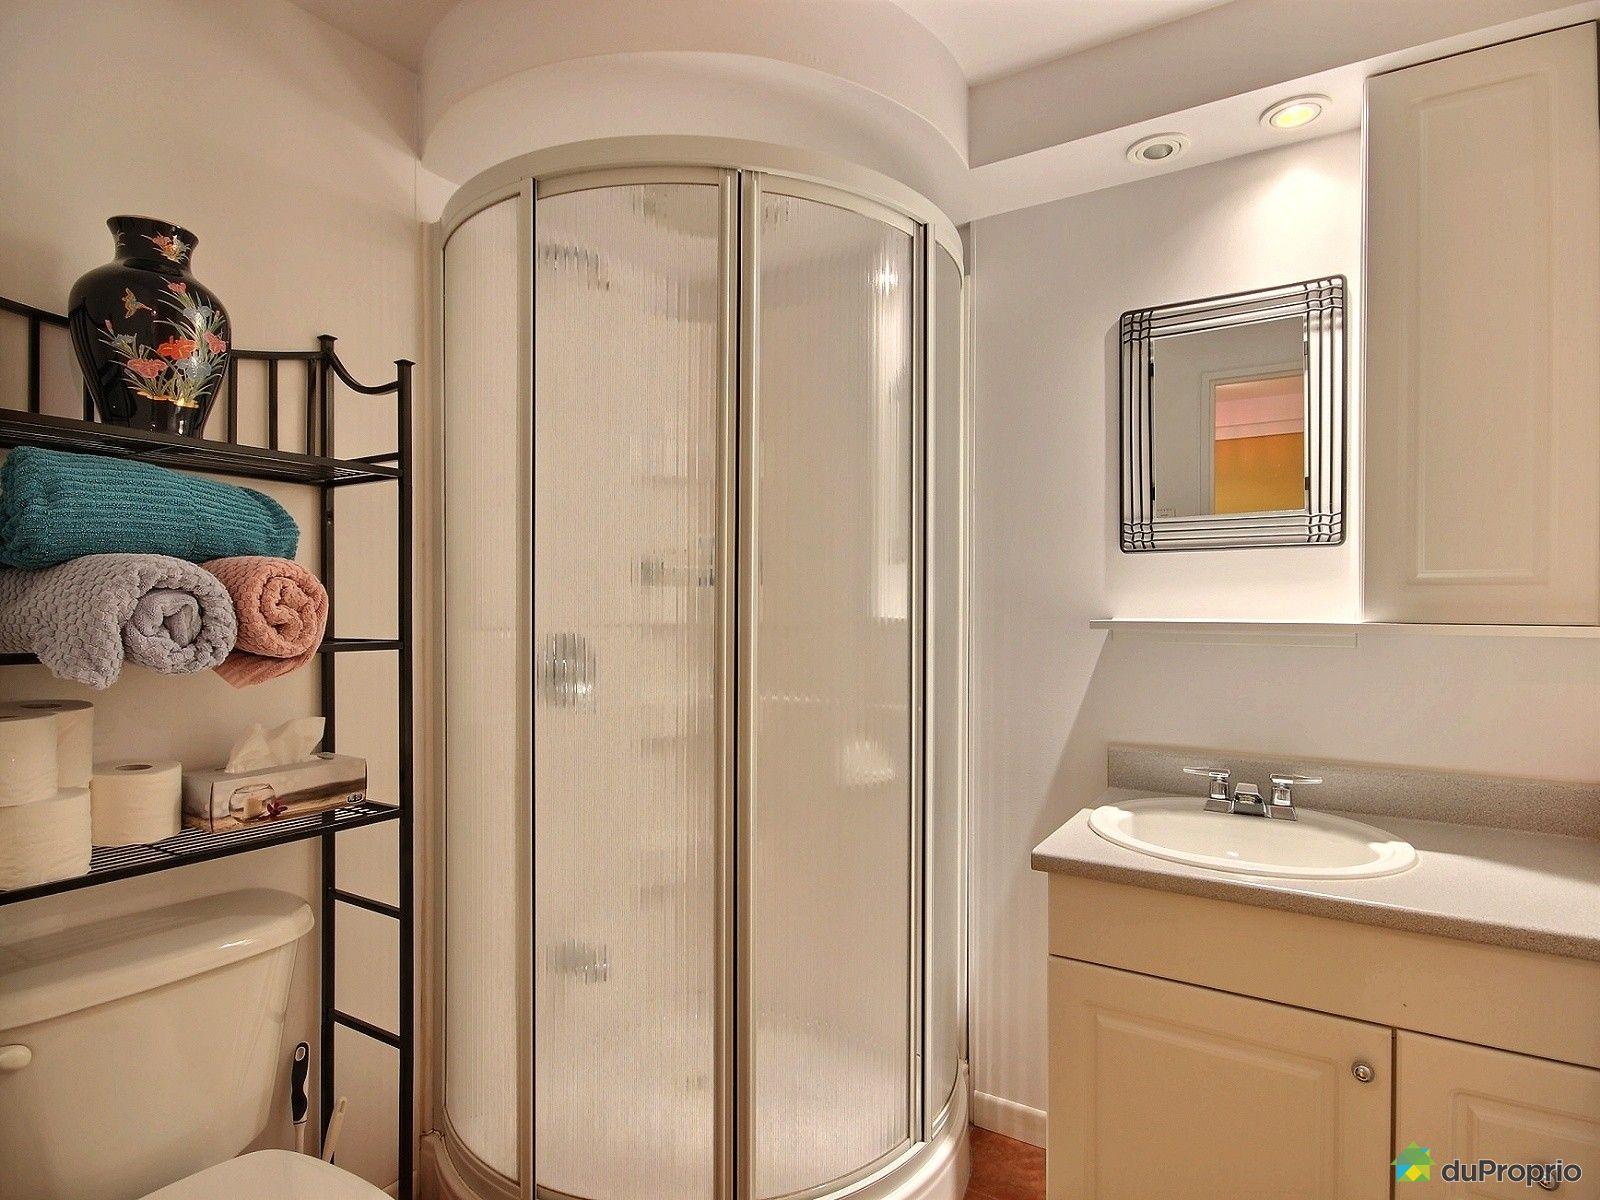 Condo vendu montr al immobilier qu bec duproprio 527201 for Petite salle de bain sous sol